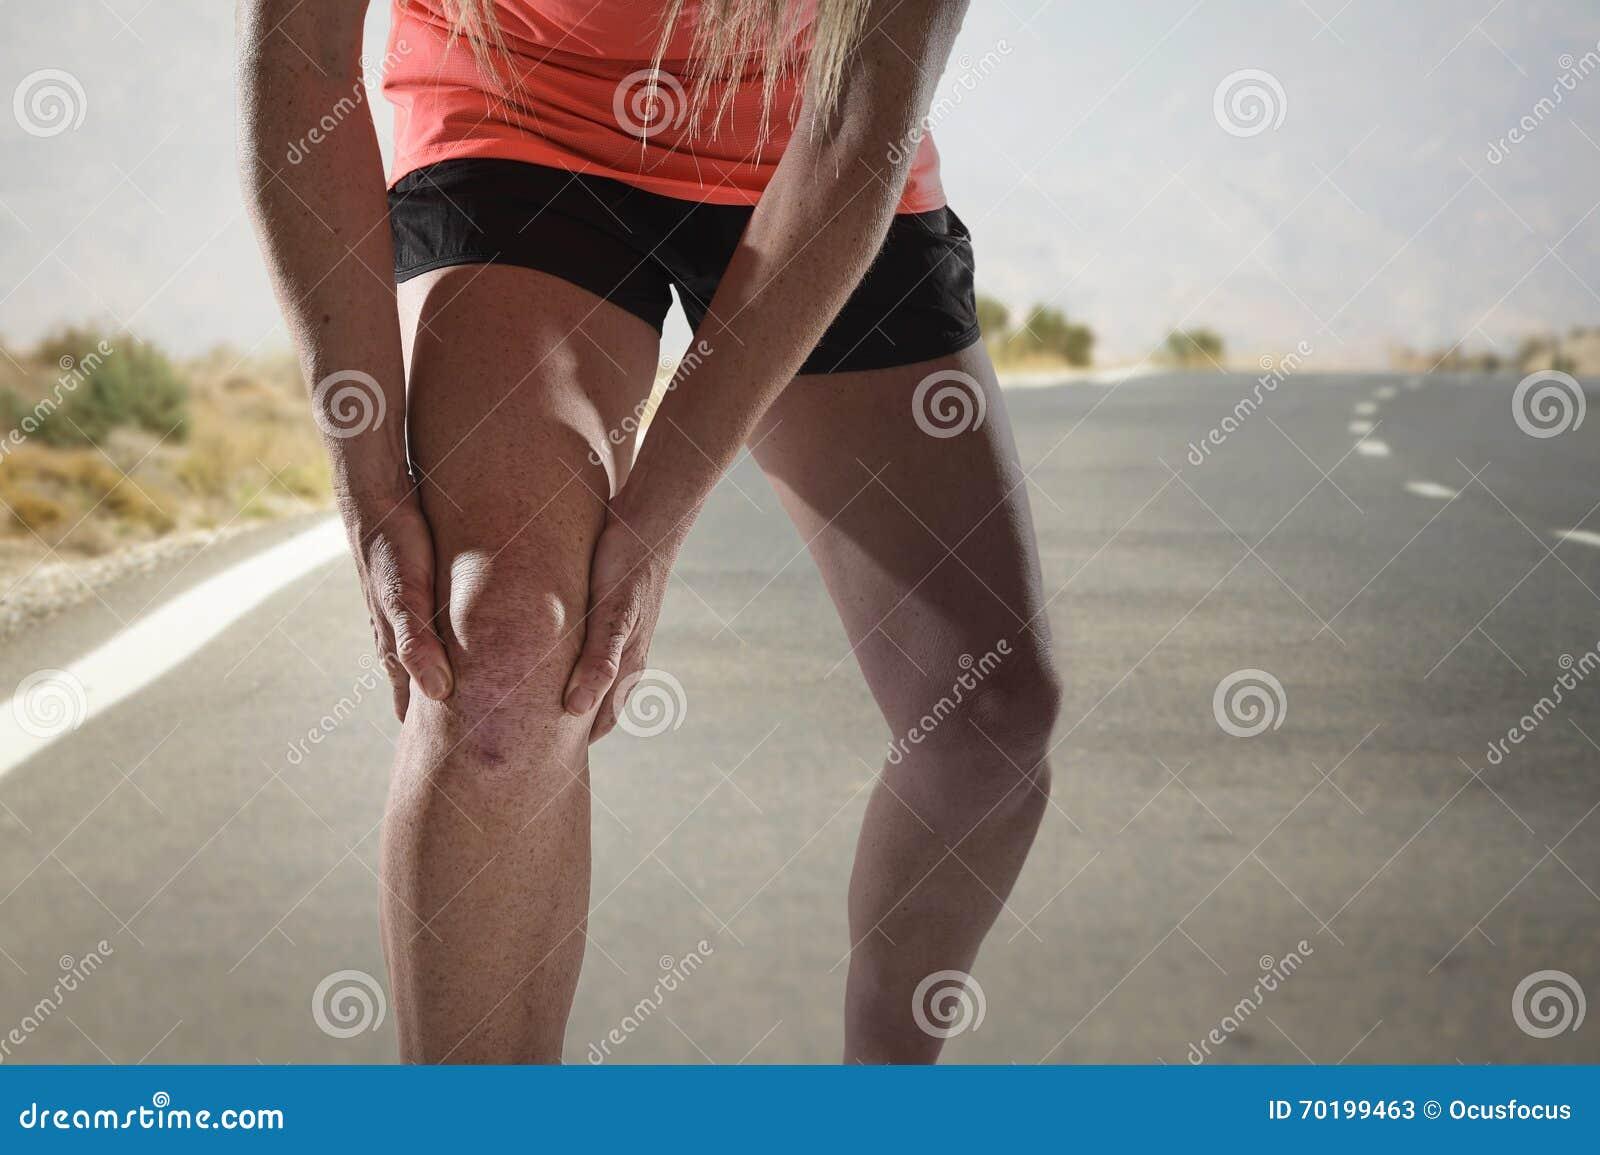 from Wilson transgender leg pain